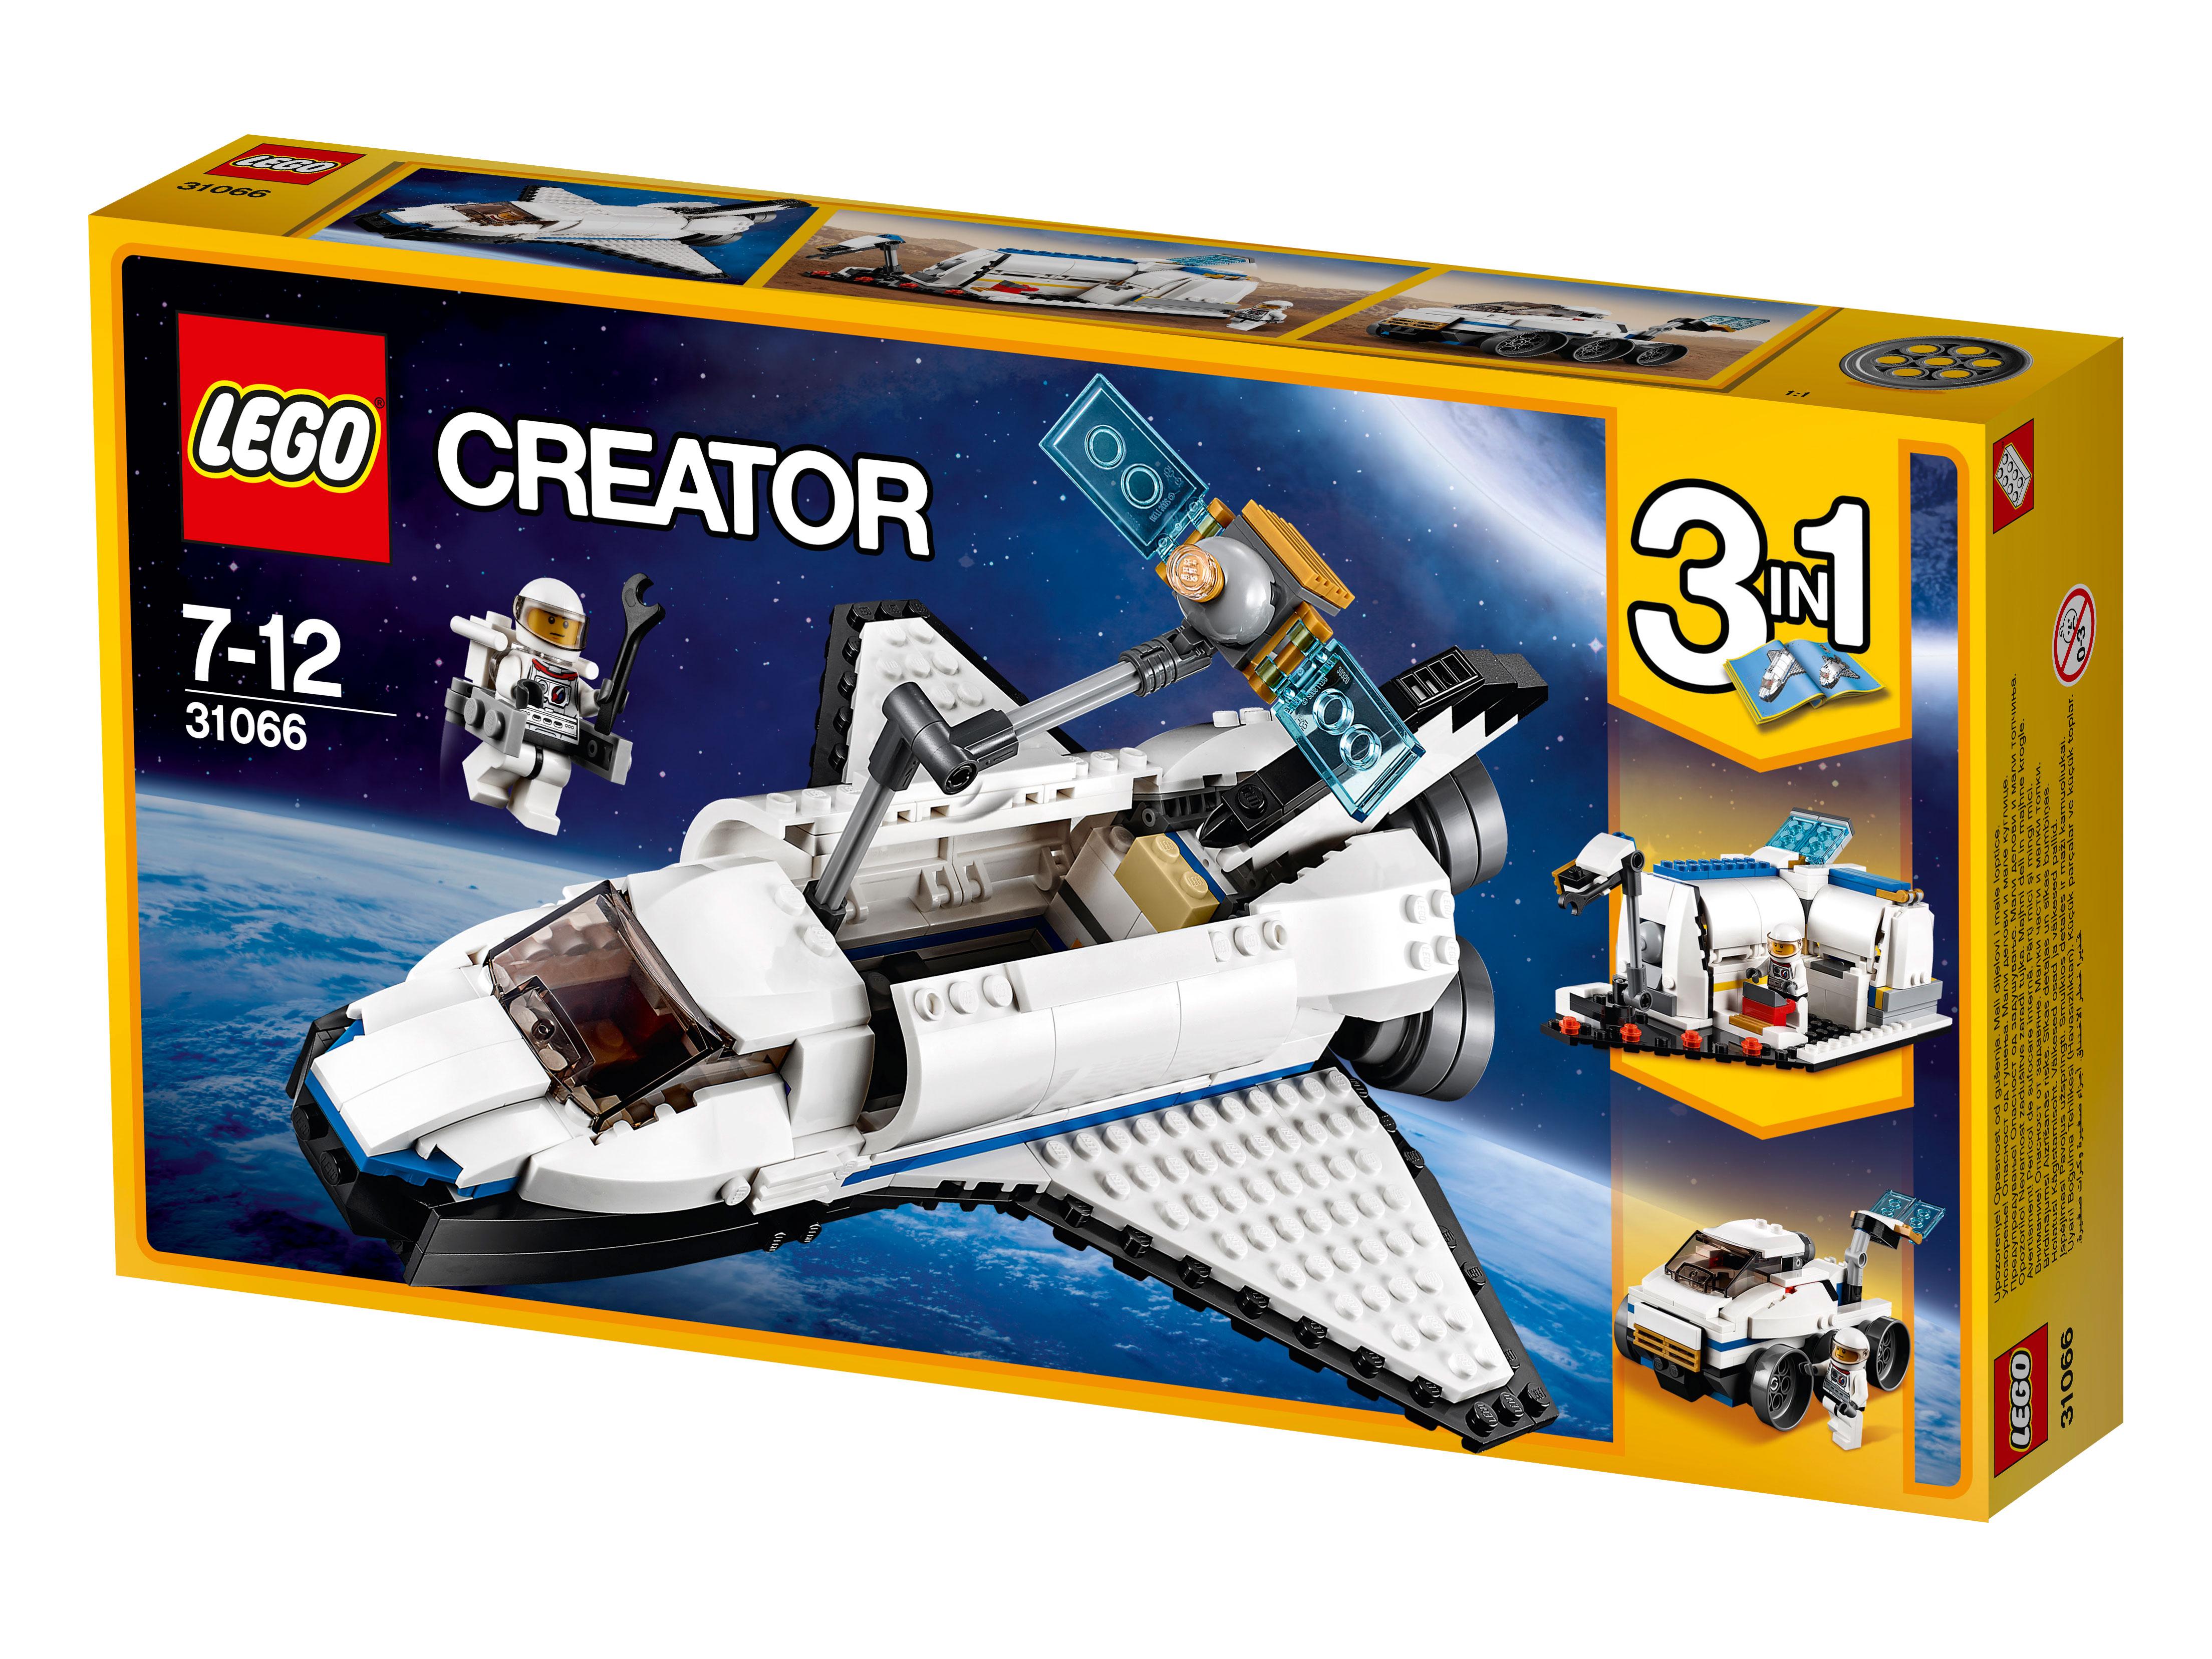 31066 Lego Creator Исследовательский космический шаттлПокорять космос — так интересно, особенно если вам предстоит путешествие к далеким звездам на исследовательском космическом шаттле Лего! Отправляйтесь в дорогу, не выходя из дома и не отпрашиваясь с уроков. Новый космический транспорт от Лего гарантирует массу позитивных эмоций благодаря идеальной схожести с настоящими Шаттлами, которым в скором будущем предстоит покорение ближайших галактик. Вас ждет огромная работа — собрать 285 деталей и разобраться с устройством судна, чтобы научиться с легкостью управлять им на космических виражах. Кабина для мини фигурок — идеальные условия для далекого путешествия. Крылья Шаттла удобно складываются в специальный грузовой отсек, а реактивный ранец позволит совершать прогулки в открытом космосе. А на космической станции вас ждут десятки интереснейших биологических экспериментов, о результатах которых будет говорить весь мир.<br>